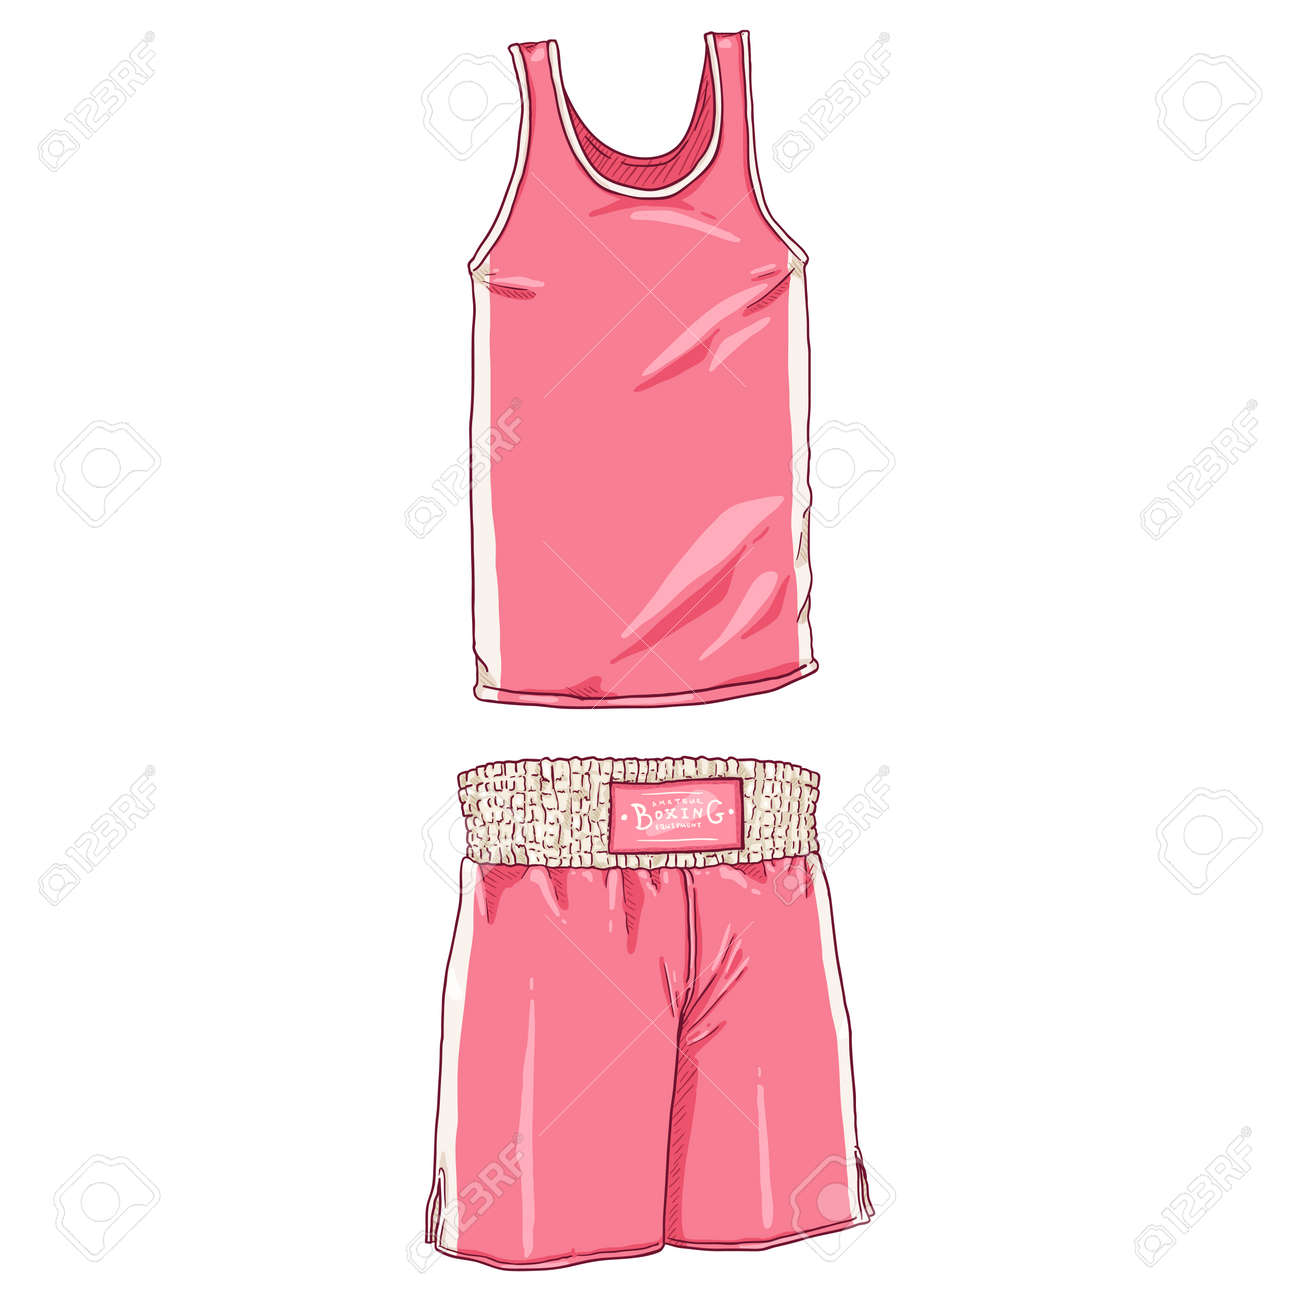 Vector Cartoon Pink Boxing Uniform. Shorts and Tank Shirt. - 168798667